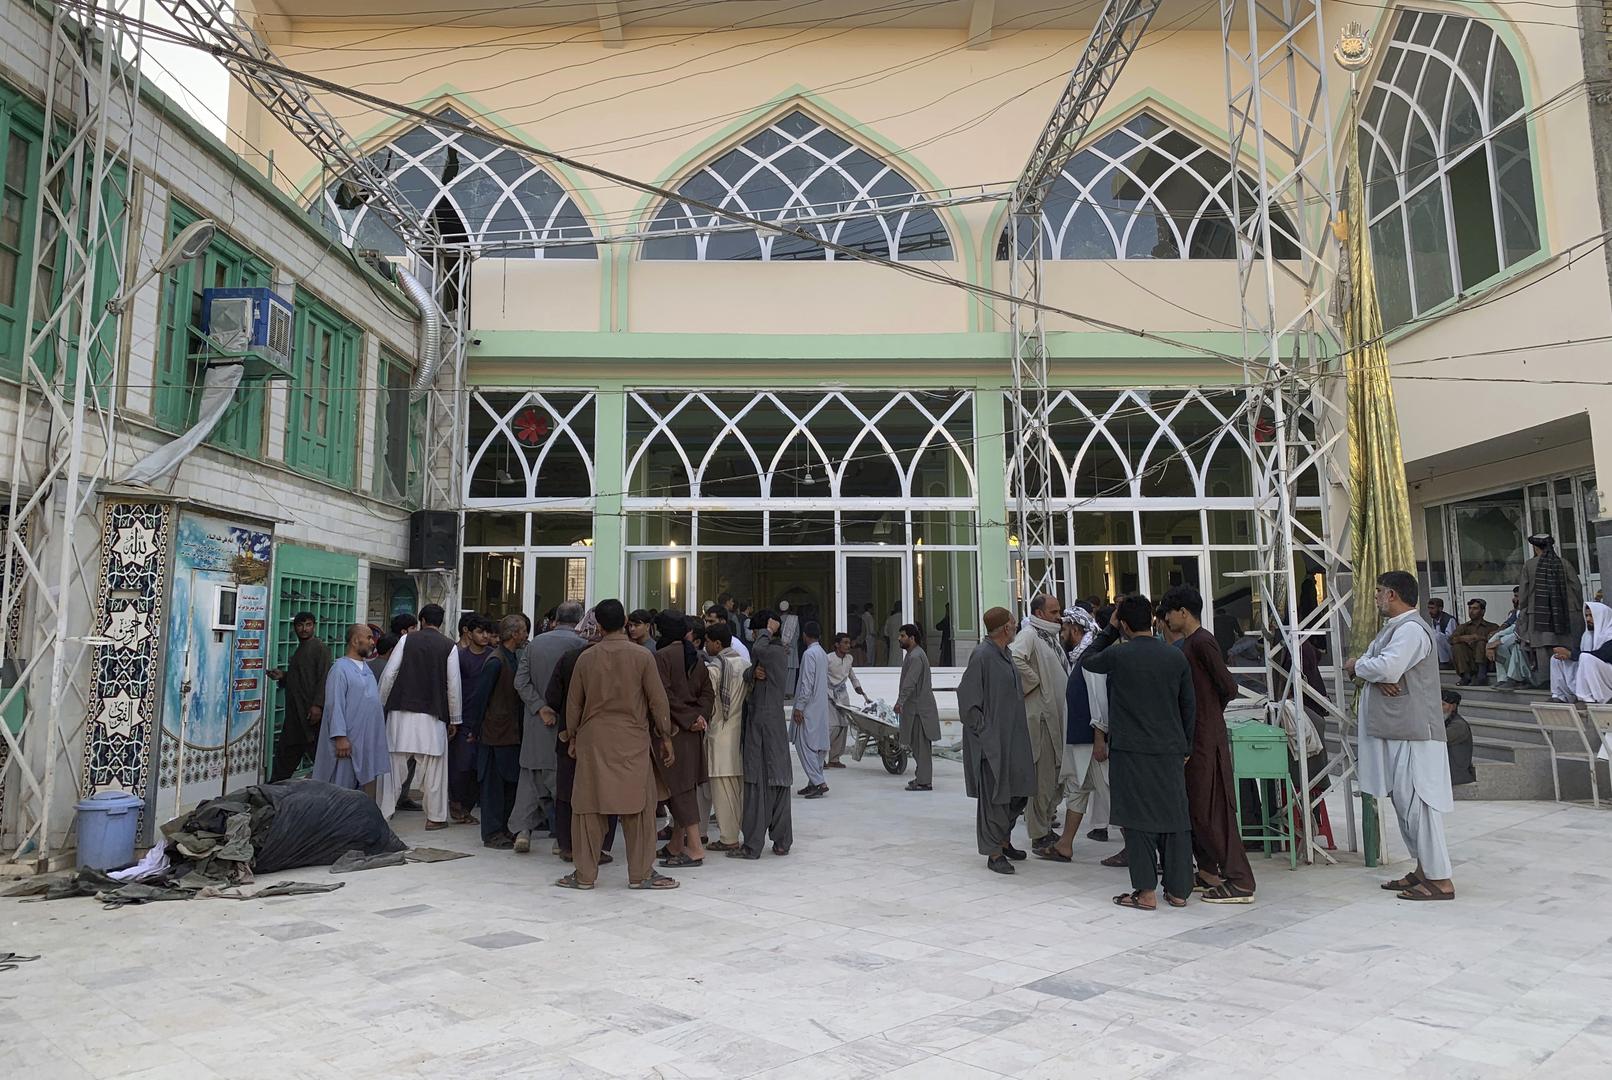 تجمع للناس في مسجد الإمام برقة الشيعي بمدينة قندهار جنوب أفغانستان بعد هجوم انتحاري تعرض له يوم 15 أكتوبر 2021.